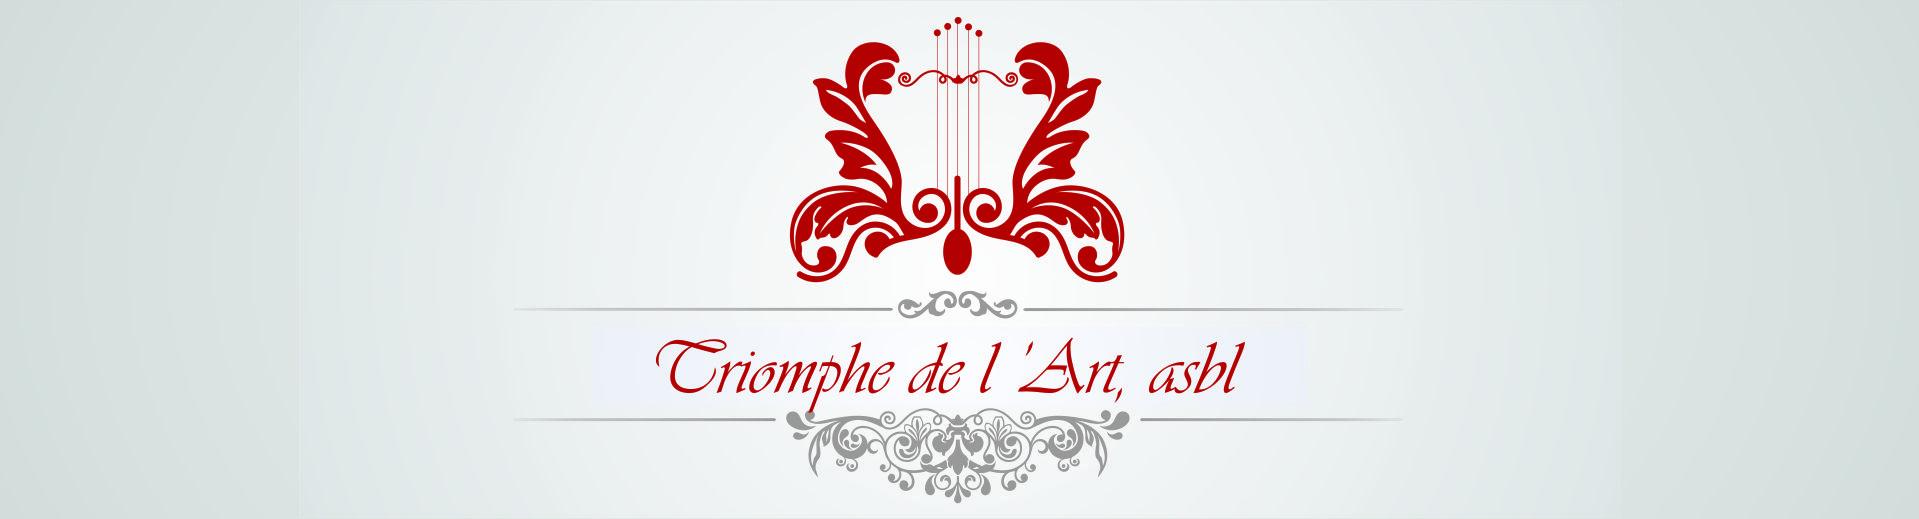 Triomphe de l'Art, asbl